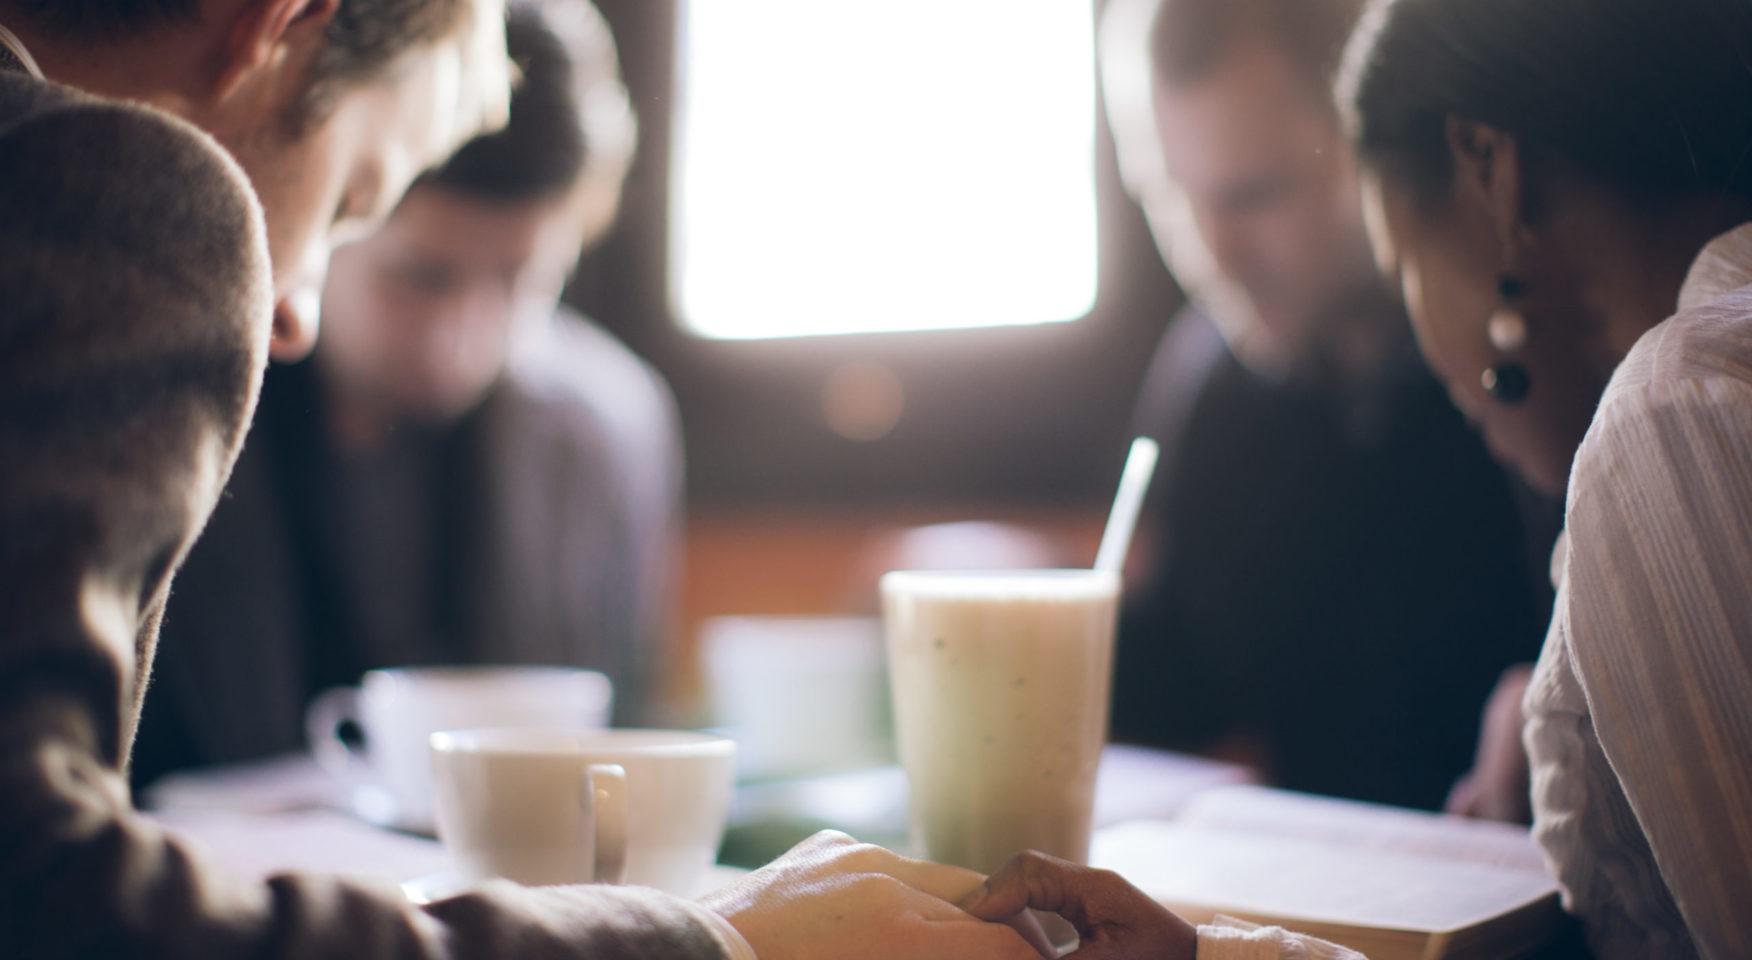 Group of people praying at table with milkshake